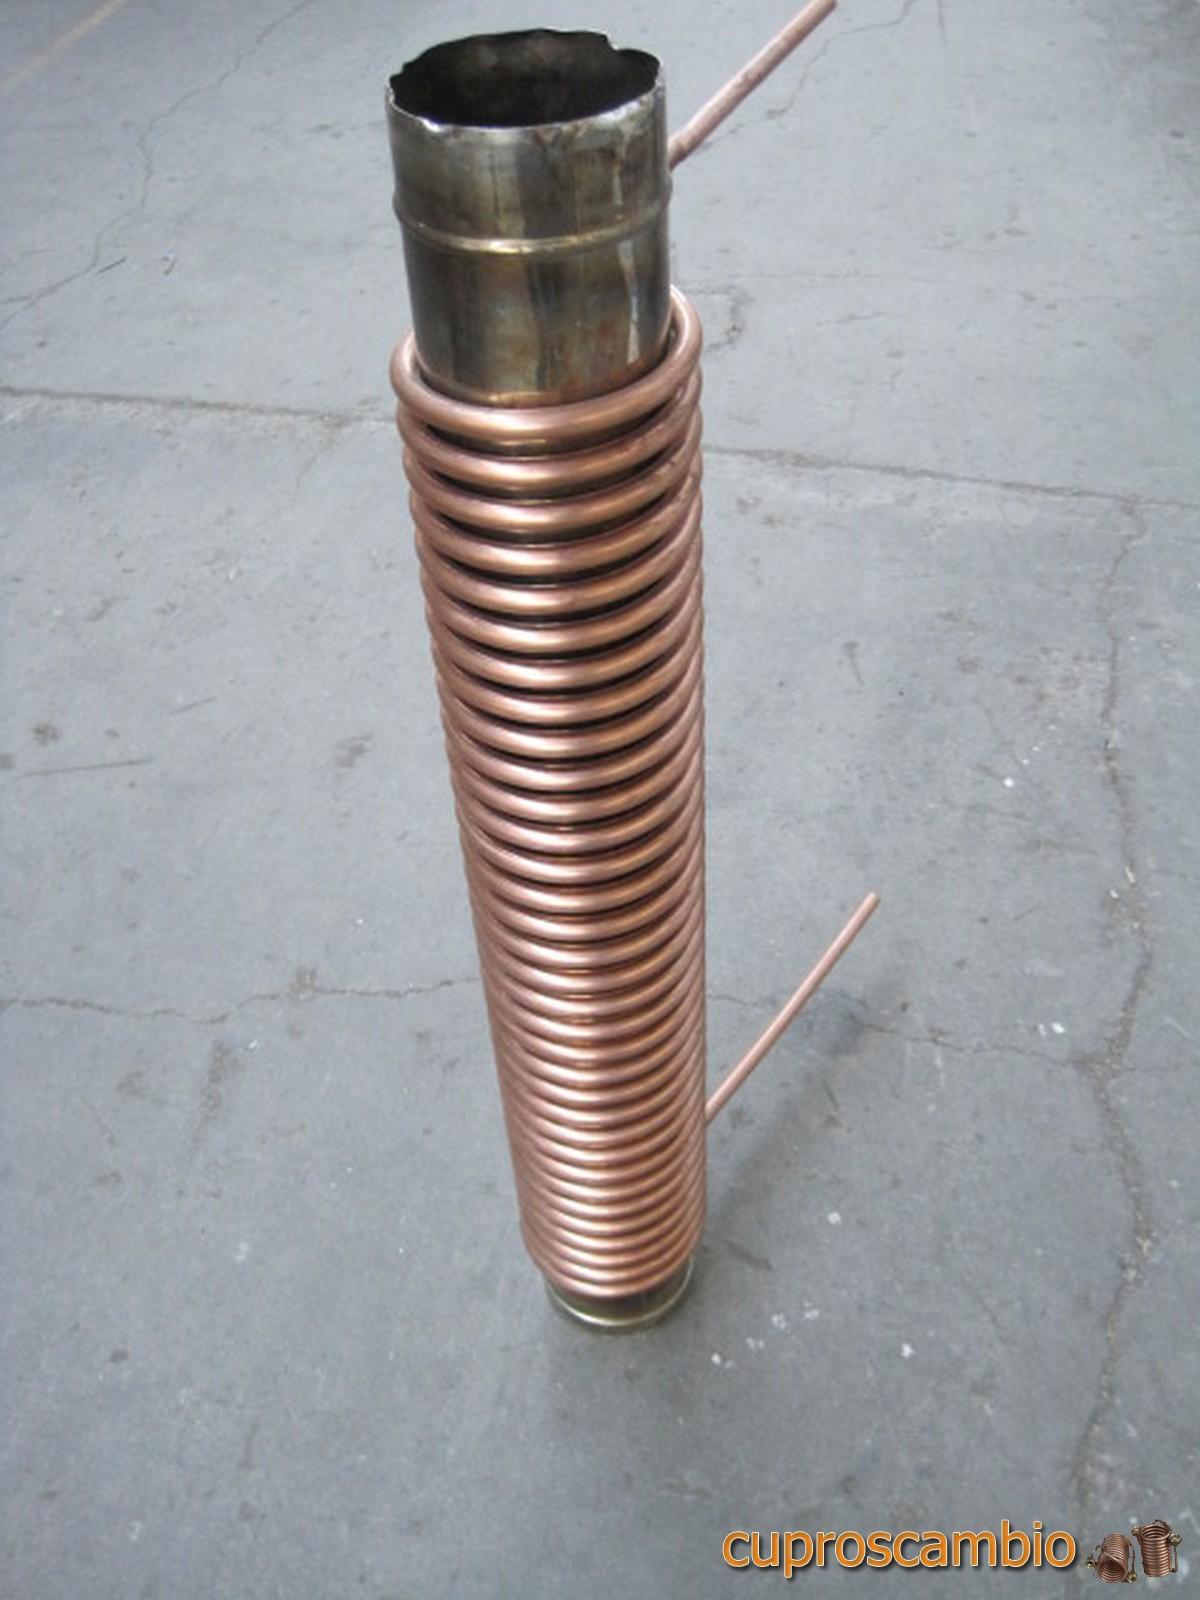 Serpentine in rame liscio e acciaio inox 316 L per il recupero di calore dai fumi